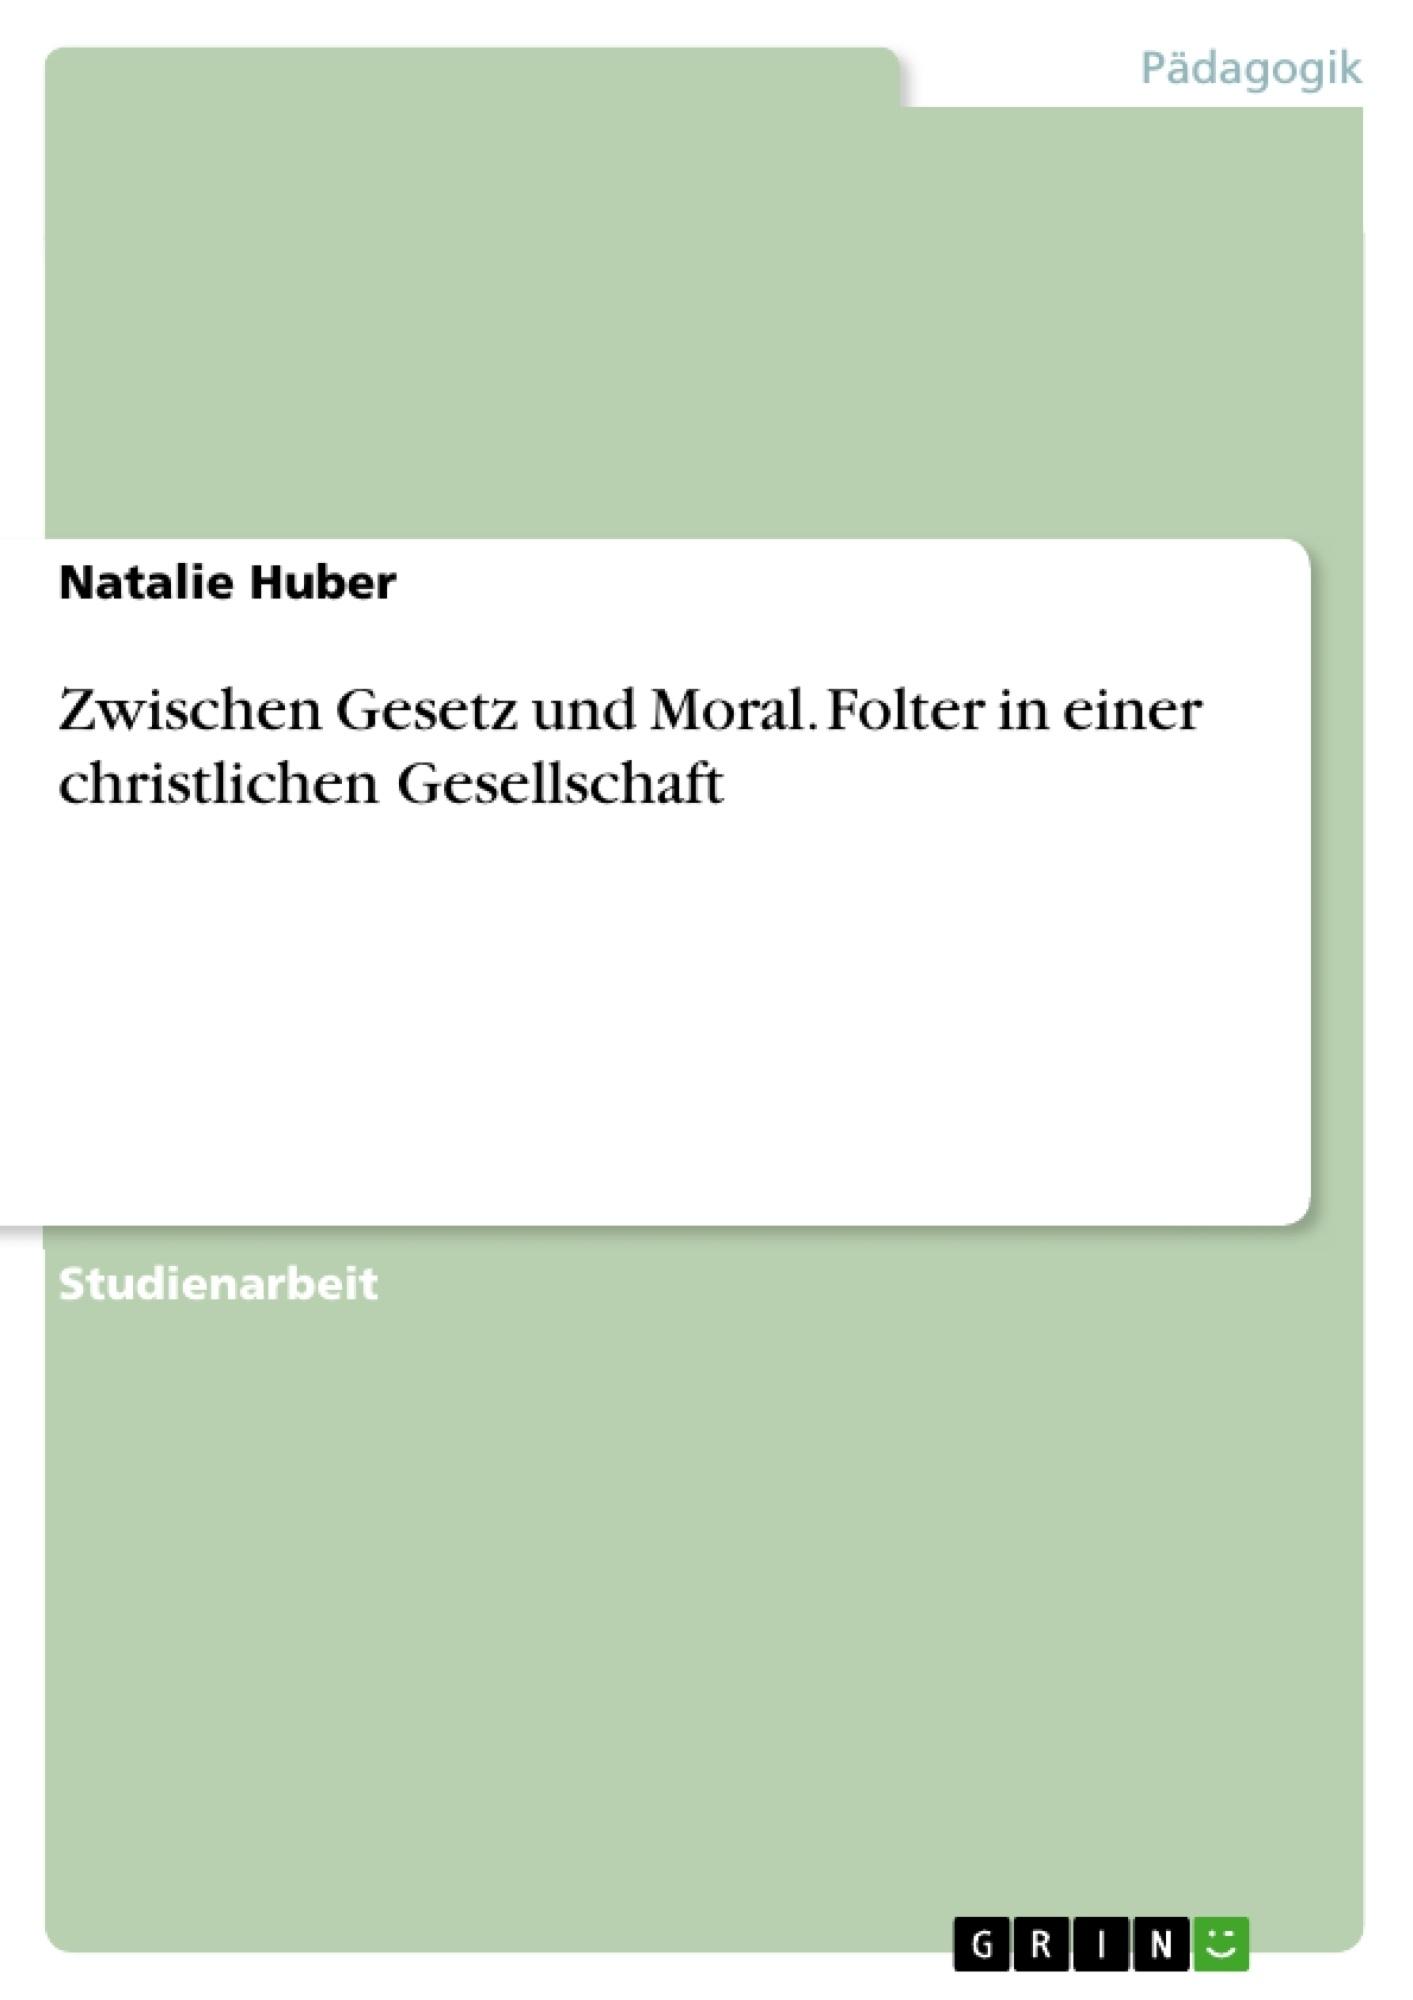 Titel: Zwischen Gesetz und Moral. Folter in einer christlichen Gesellschaft